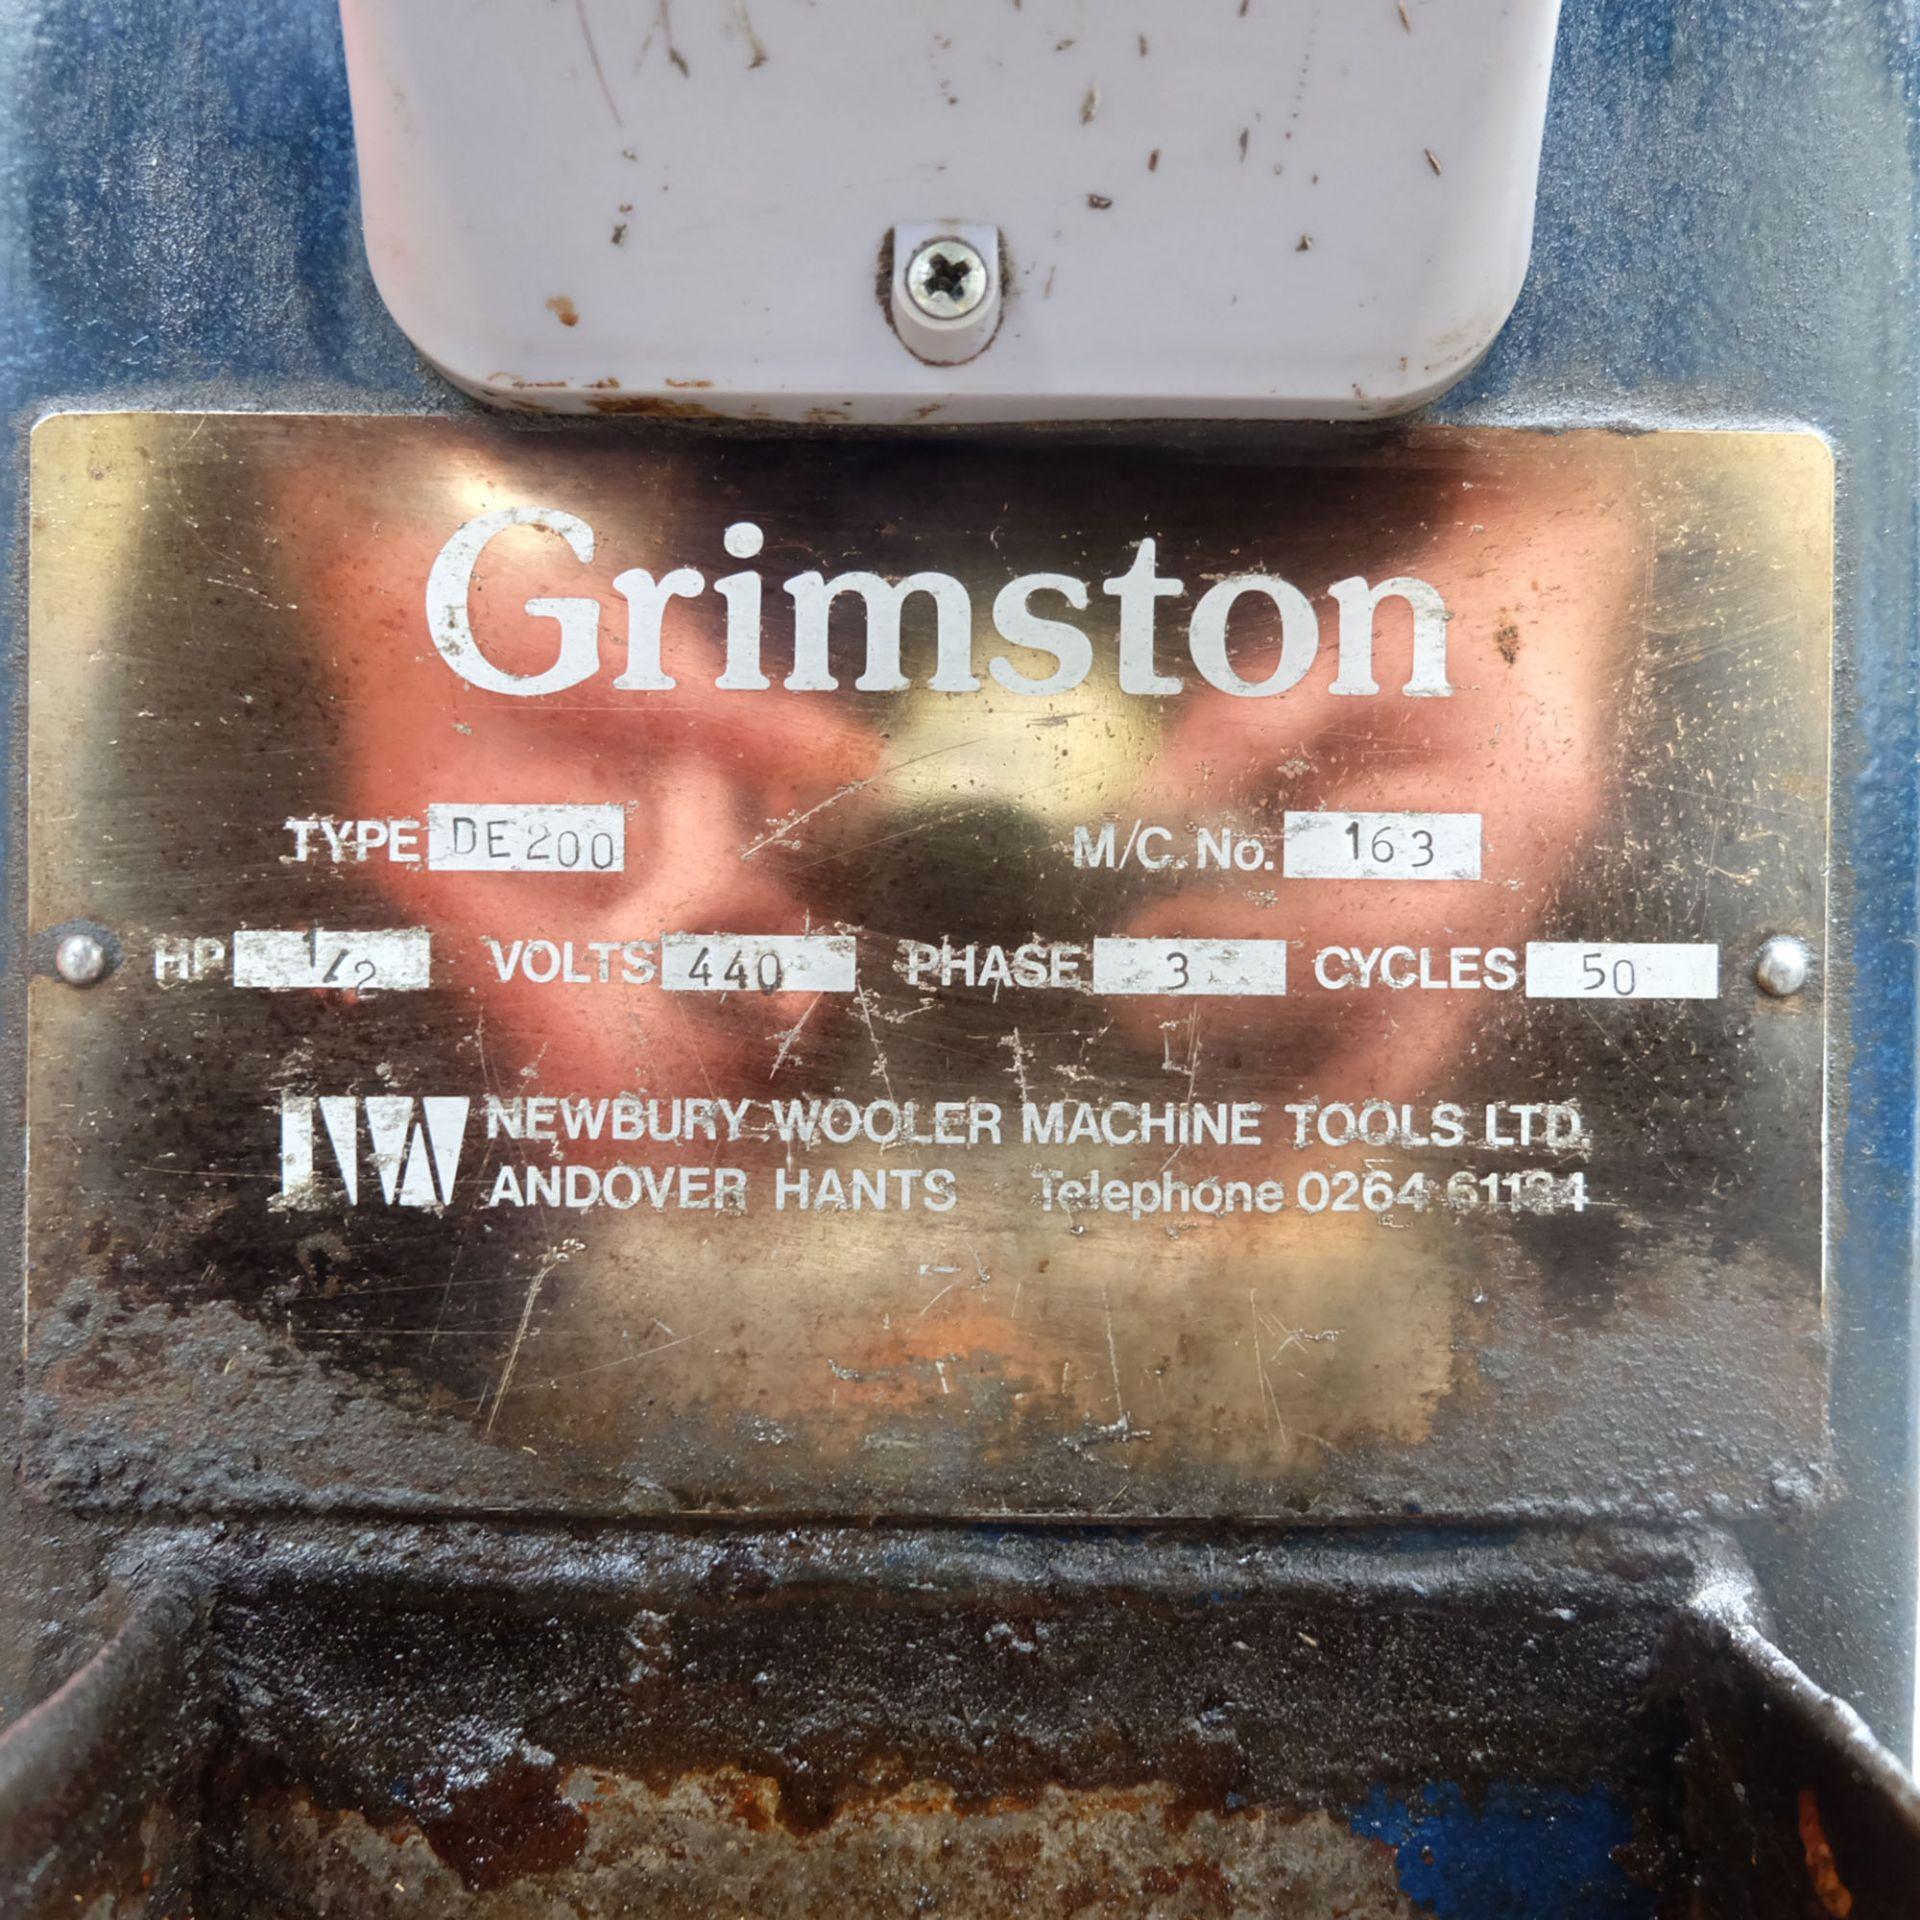 Grimston Type DE 200. Double Ended Pedestal Grinder. Grinding Wheel Size 200mm. - Image 4 of 4